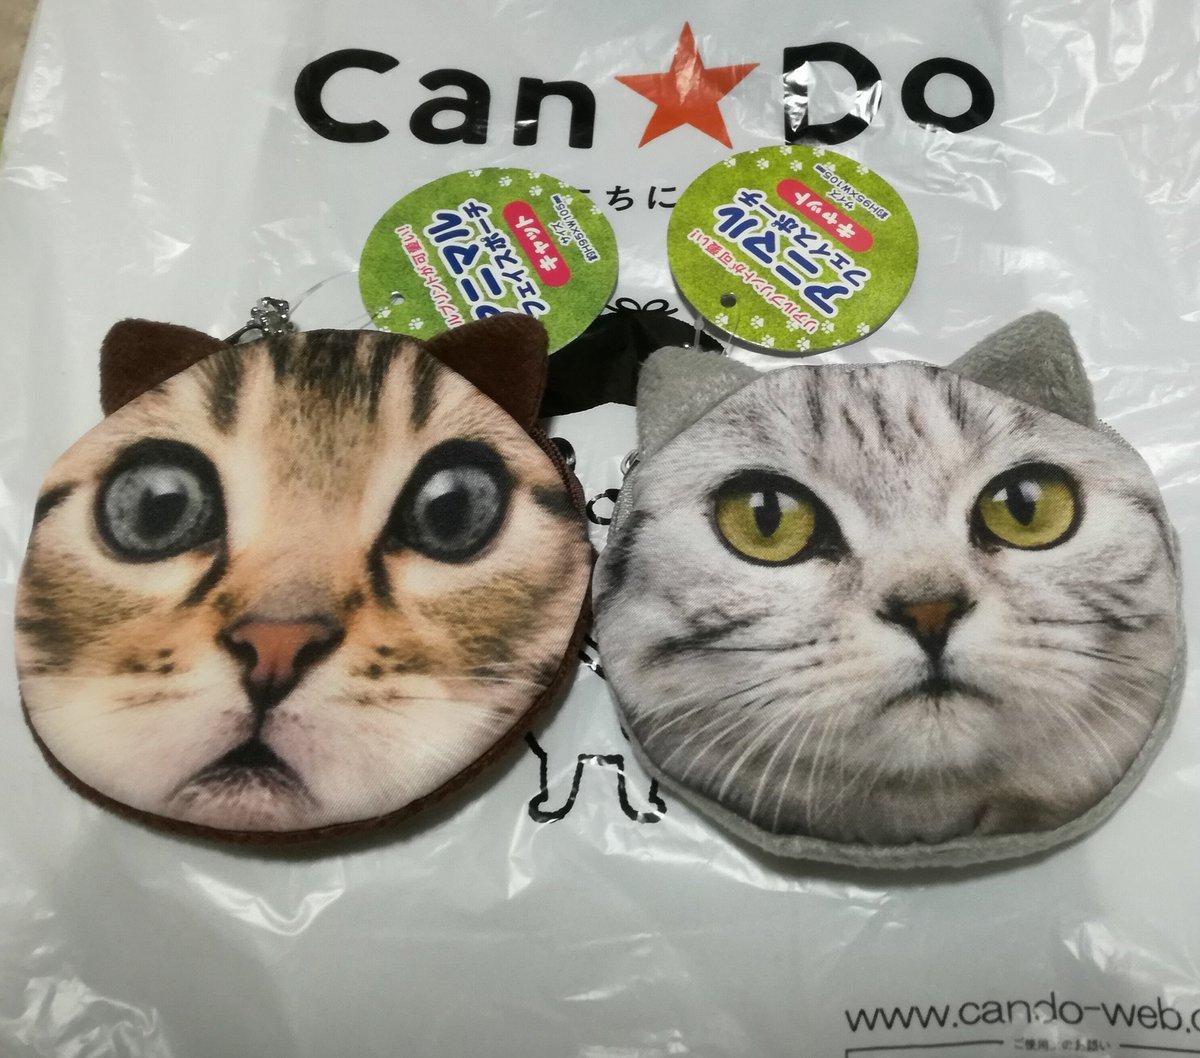 test ツイッターメディア - お久しぶりです??今日は久しぶりにキャンドゥへお買い物に。入口で陶器のハロウィン黒猫ちゃん発見?そしてこちらでも猫ちゃん顔のお財布も発見してゲットしてきました??     #キャンドゥ  #ハロウィン https://t.co/YCvBxY5a0N